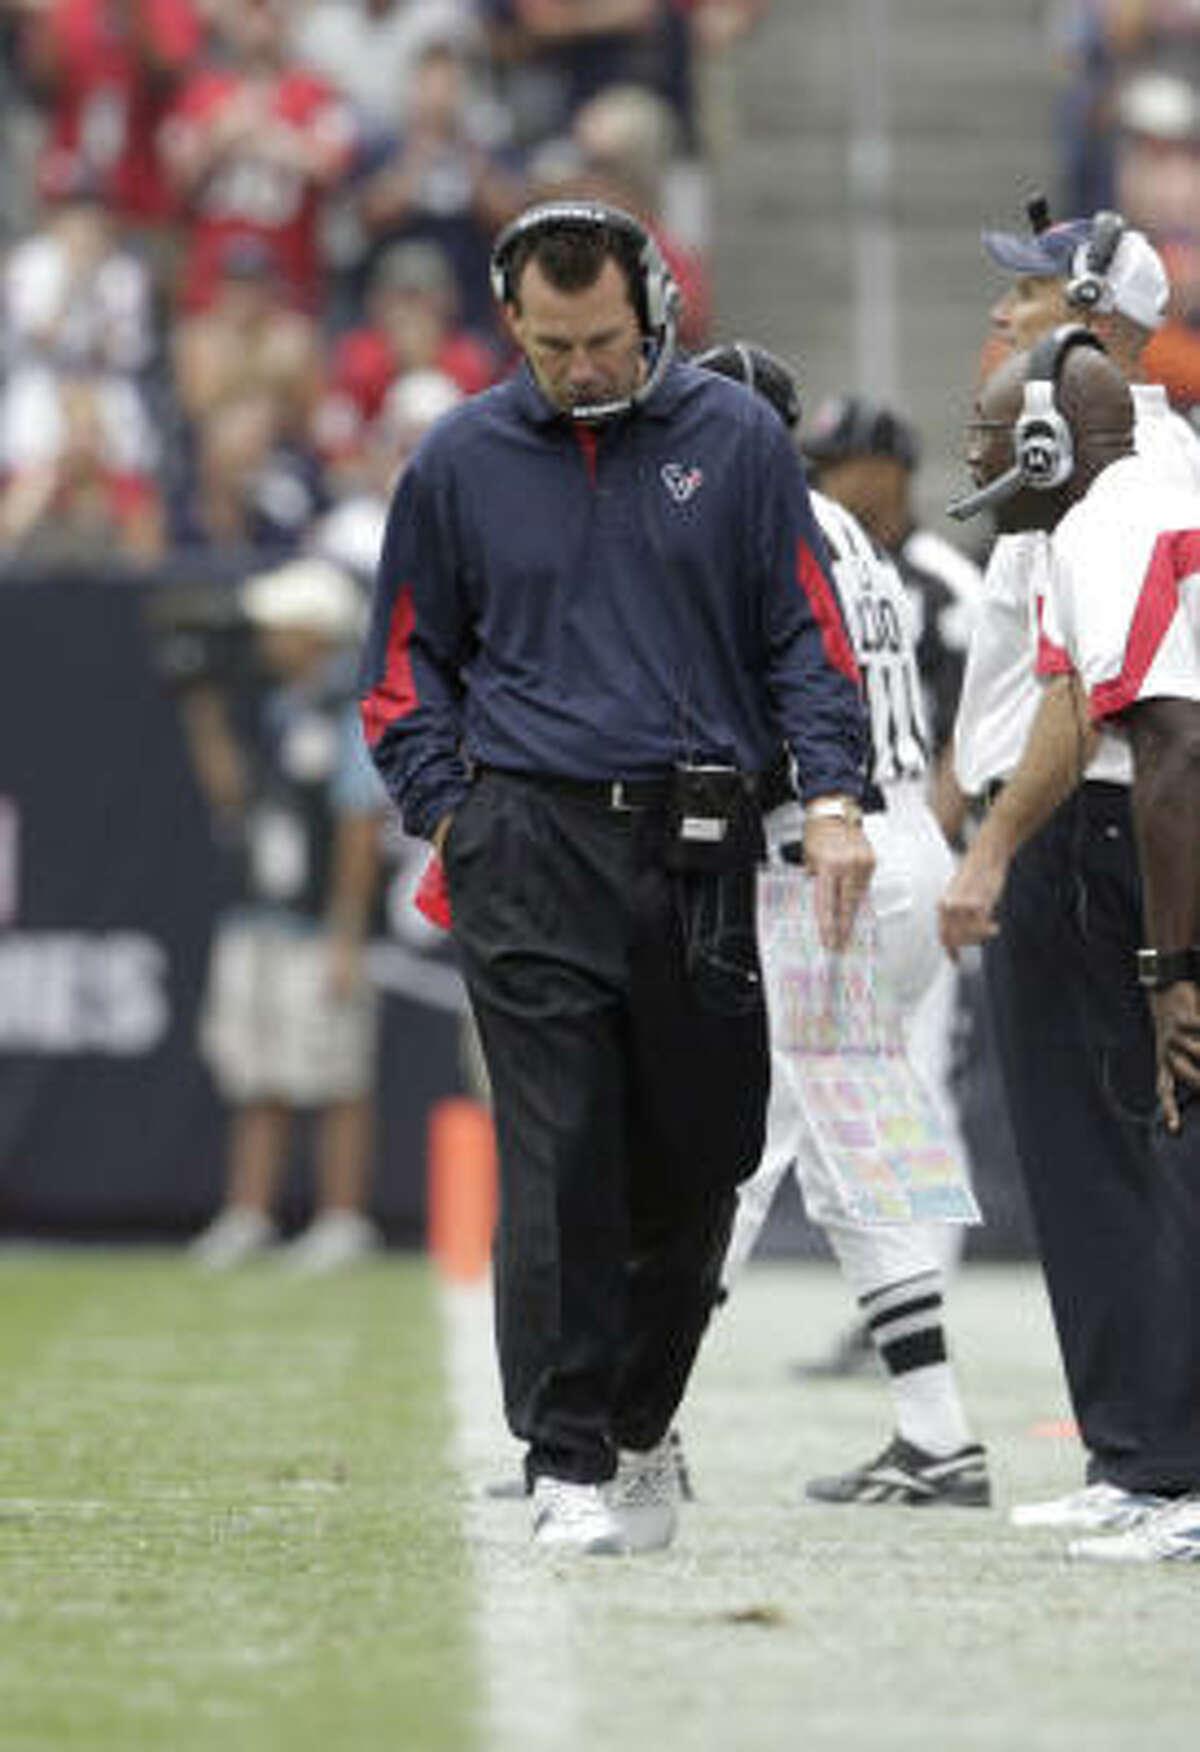 Texans vs. Cowboys Sept. 26: 27-13 loss McClain's grade: F Fans' grade: F